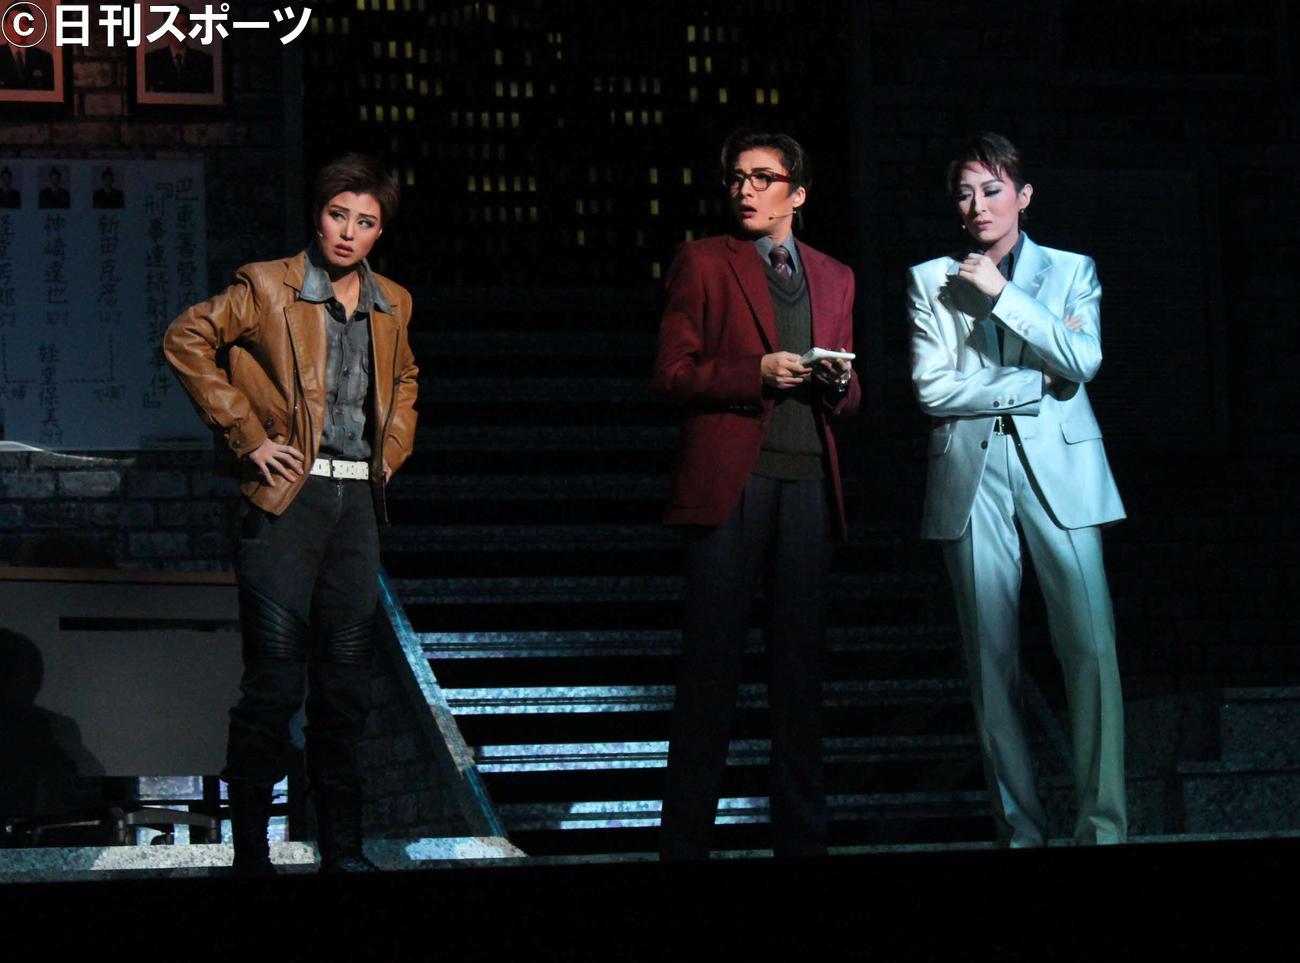 幽霊になった刑事(珠城りょう=右端)は、同期の霊媒体質刑事(鳳月杏)と、捜査を続ける。左端はガンマニアの刑事にふんした英かおと(撮影・村上久美子)